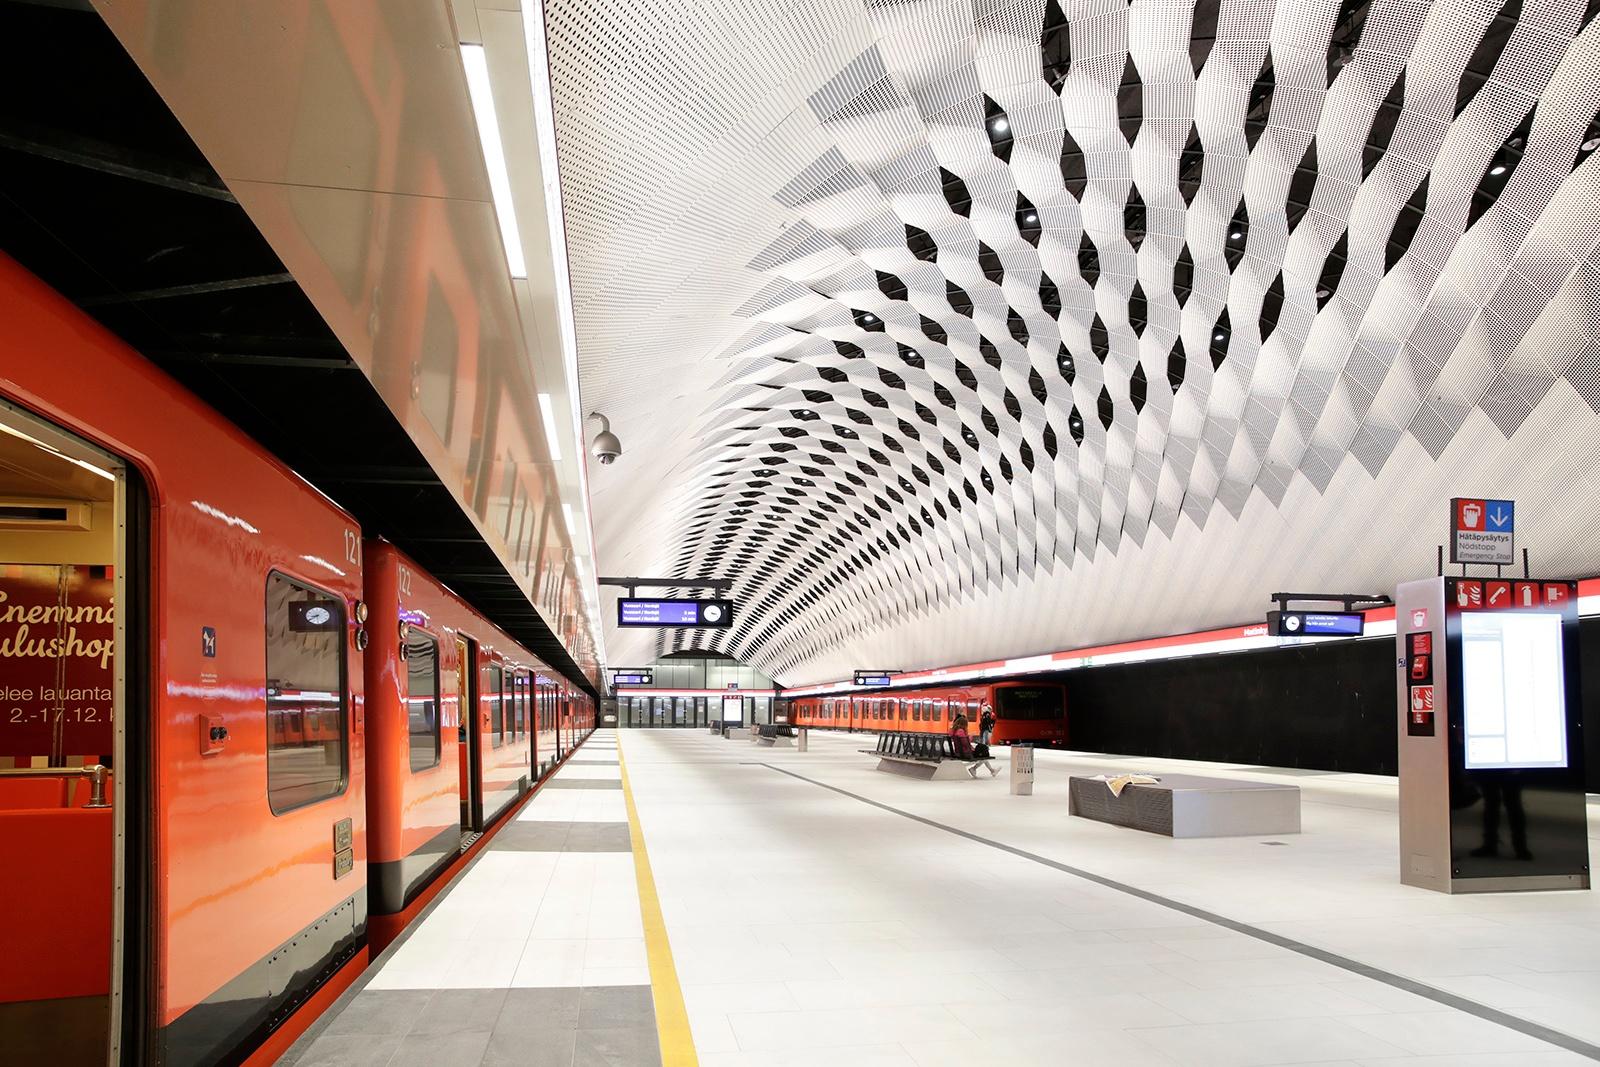 Helsinki+Metro+Station+Matinkylä+by+Indav+Timo+Kauppila_1600